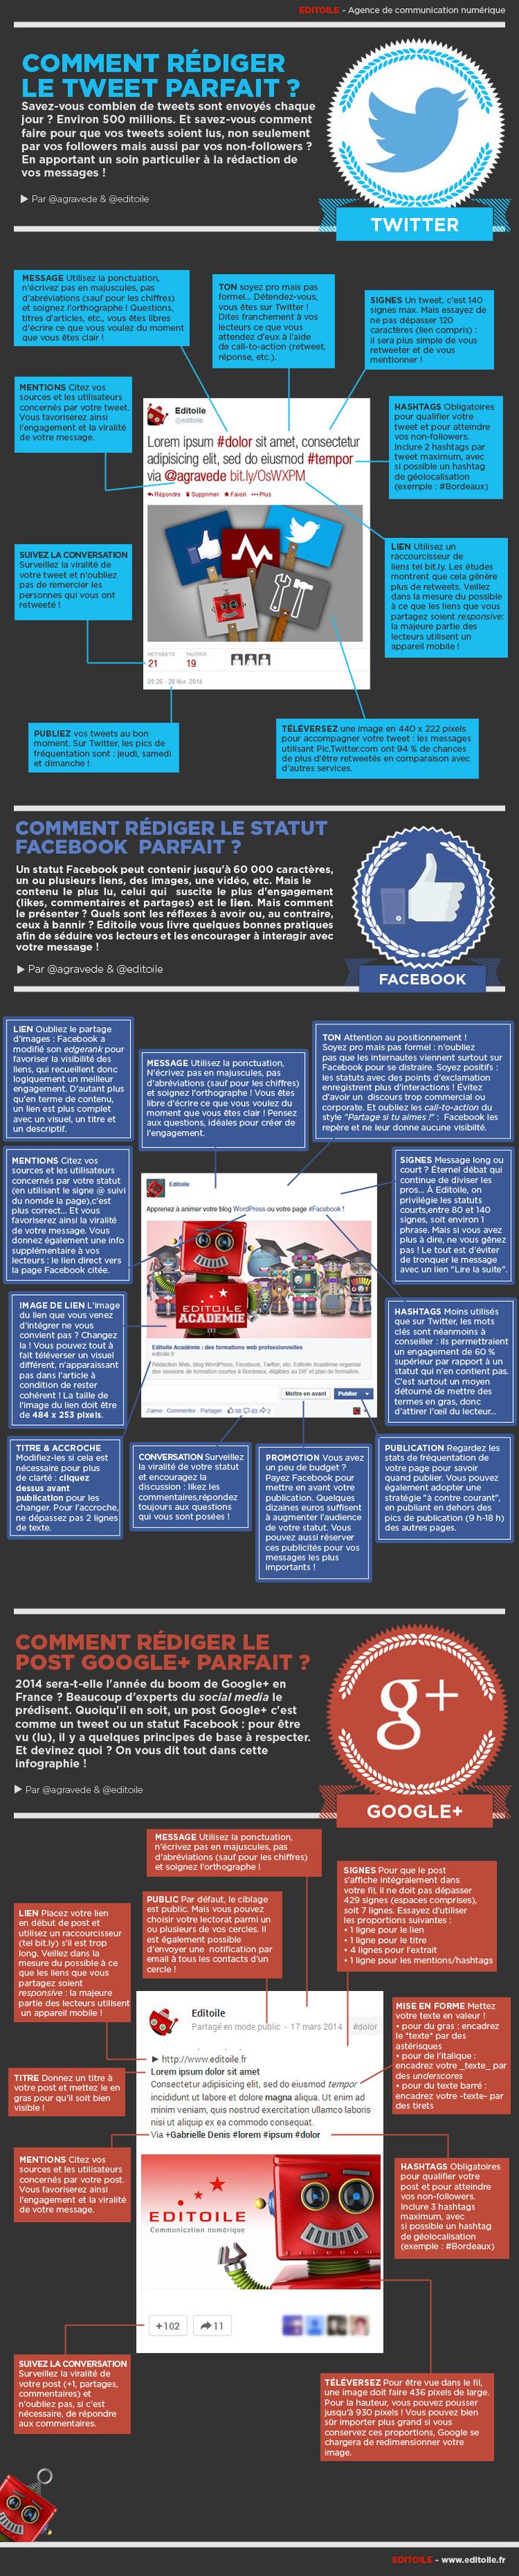 [Infographie] Publier un post parfait sur Twitter, Facebook et Google+ | TIC et TICE mais... en français | Scoop.it